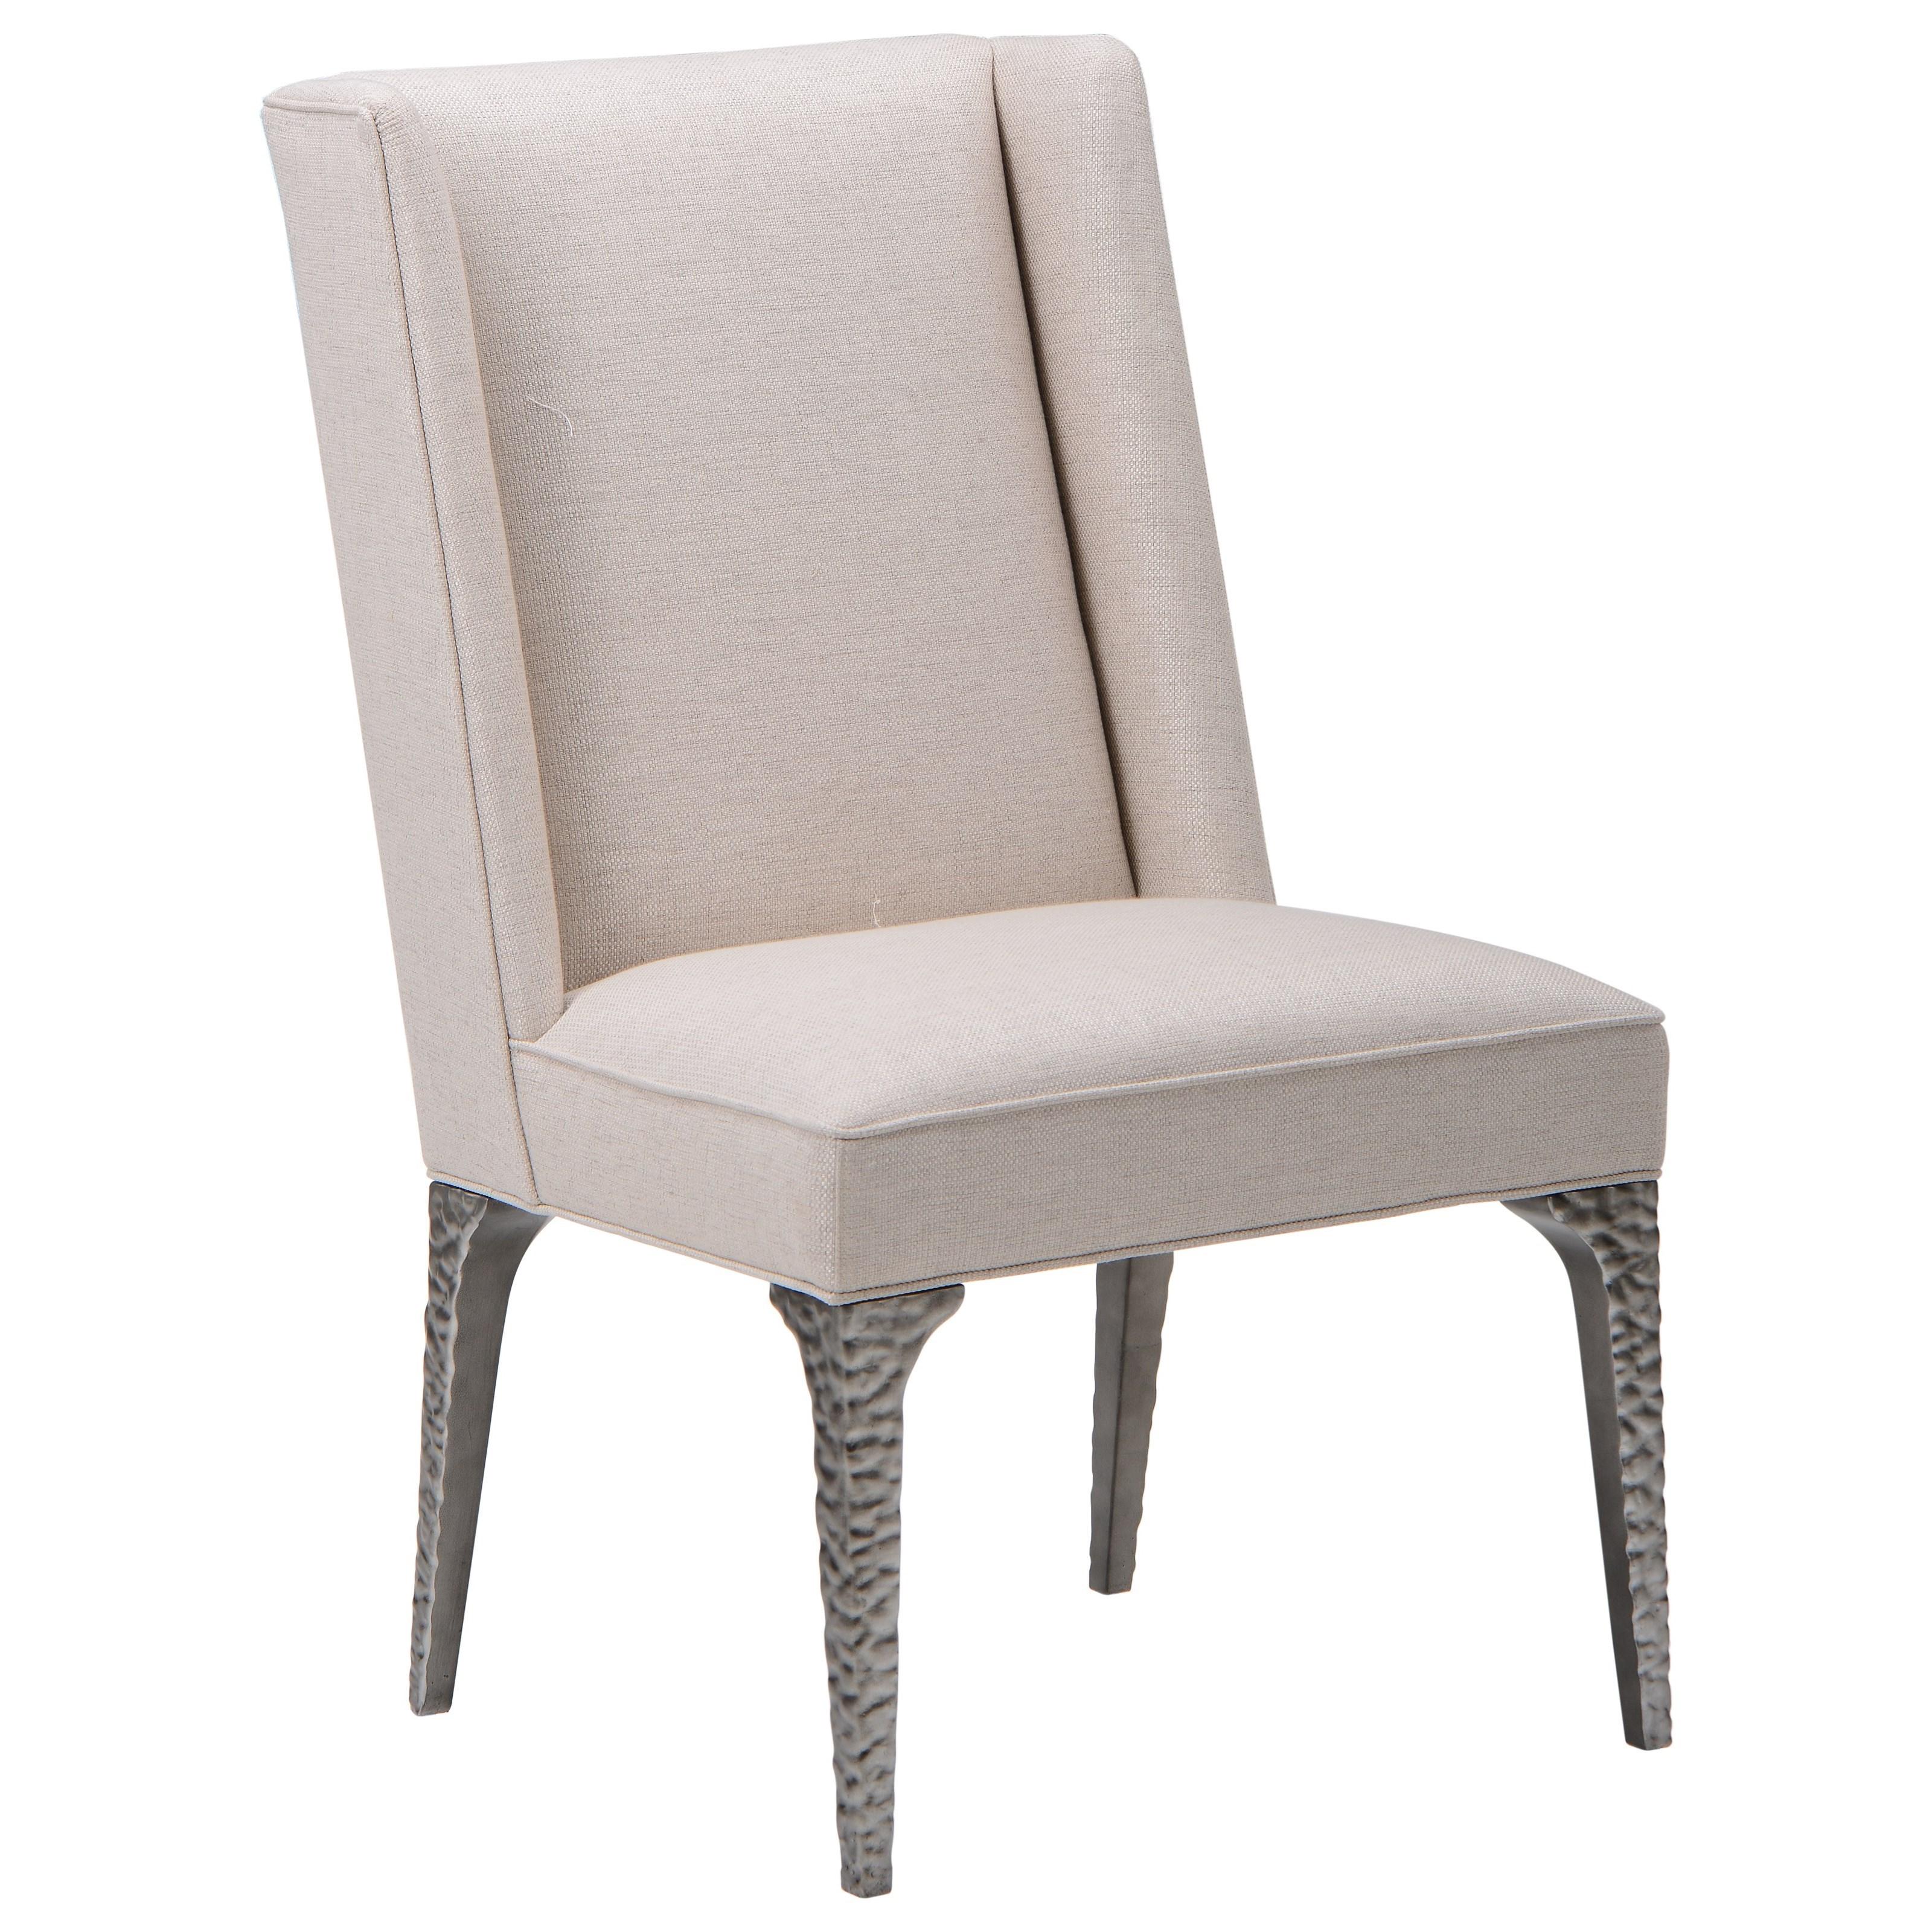 A R T Furniture Inc Prossimo 250207 0043 Contemporary